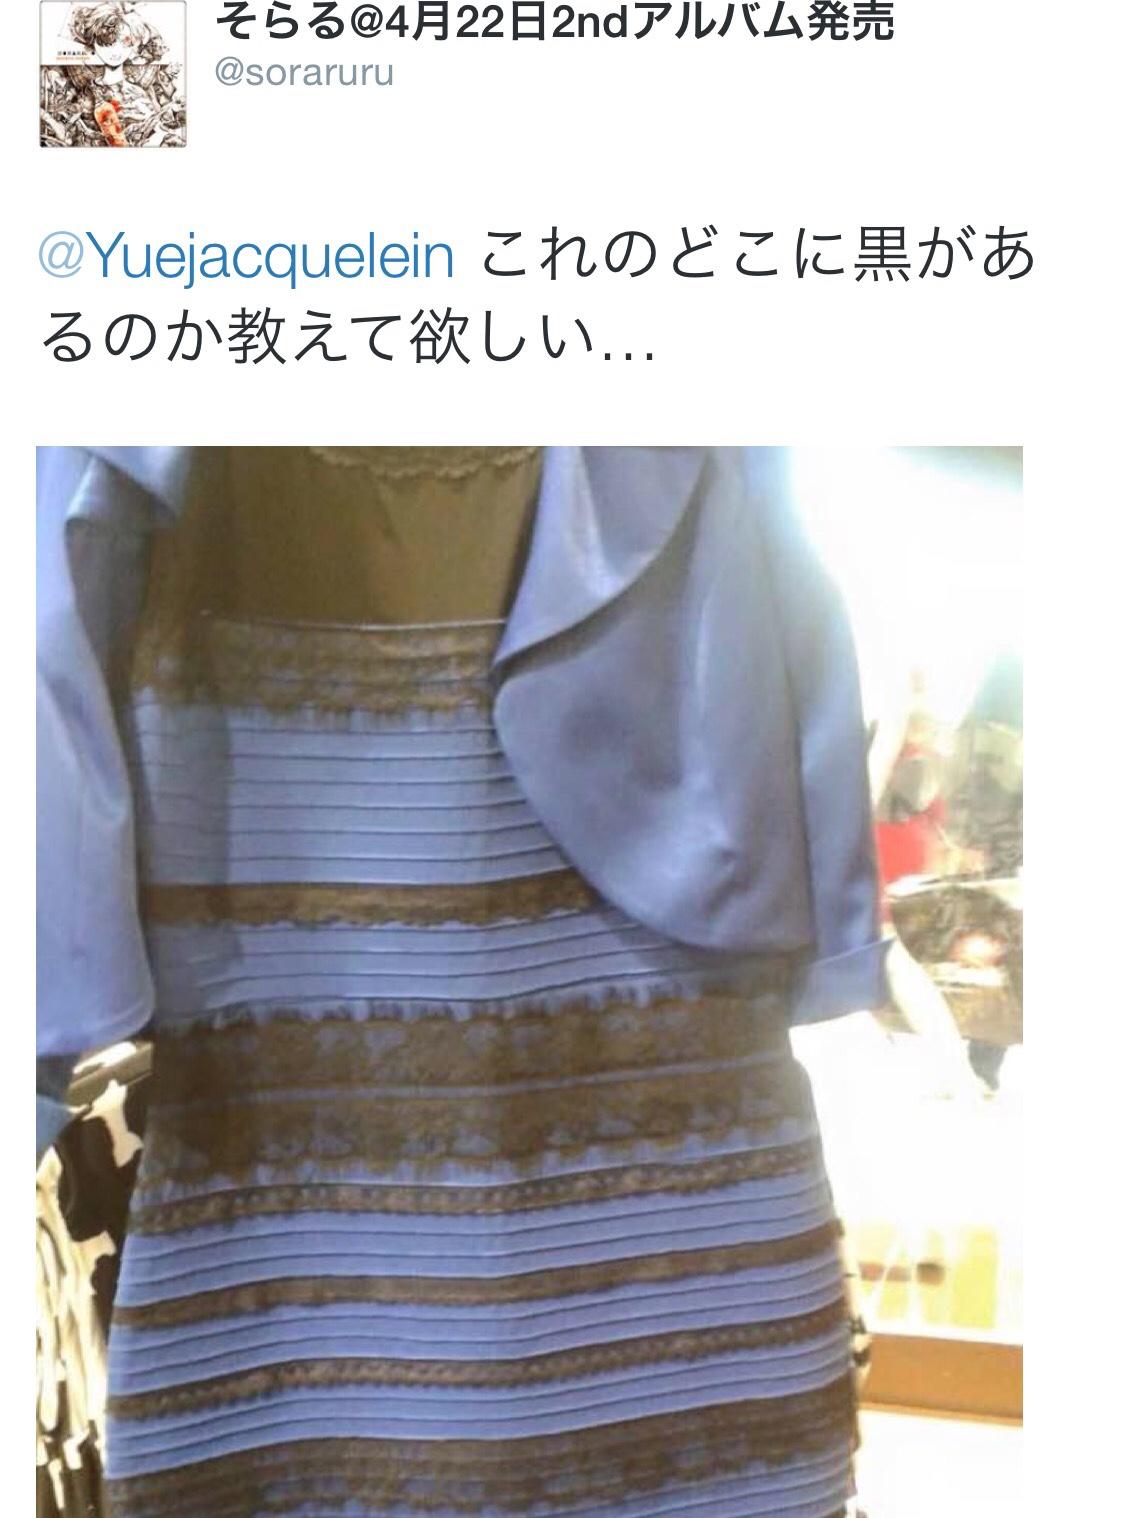 今天推特整個瘋傳!!到底看到什麼顏色黑色藍色,或者金色白色之類的其實我還沒搞懂這什麼